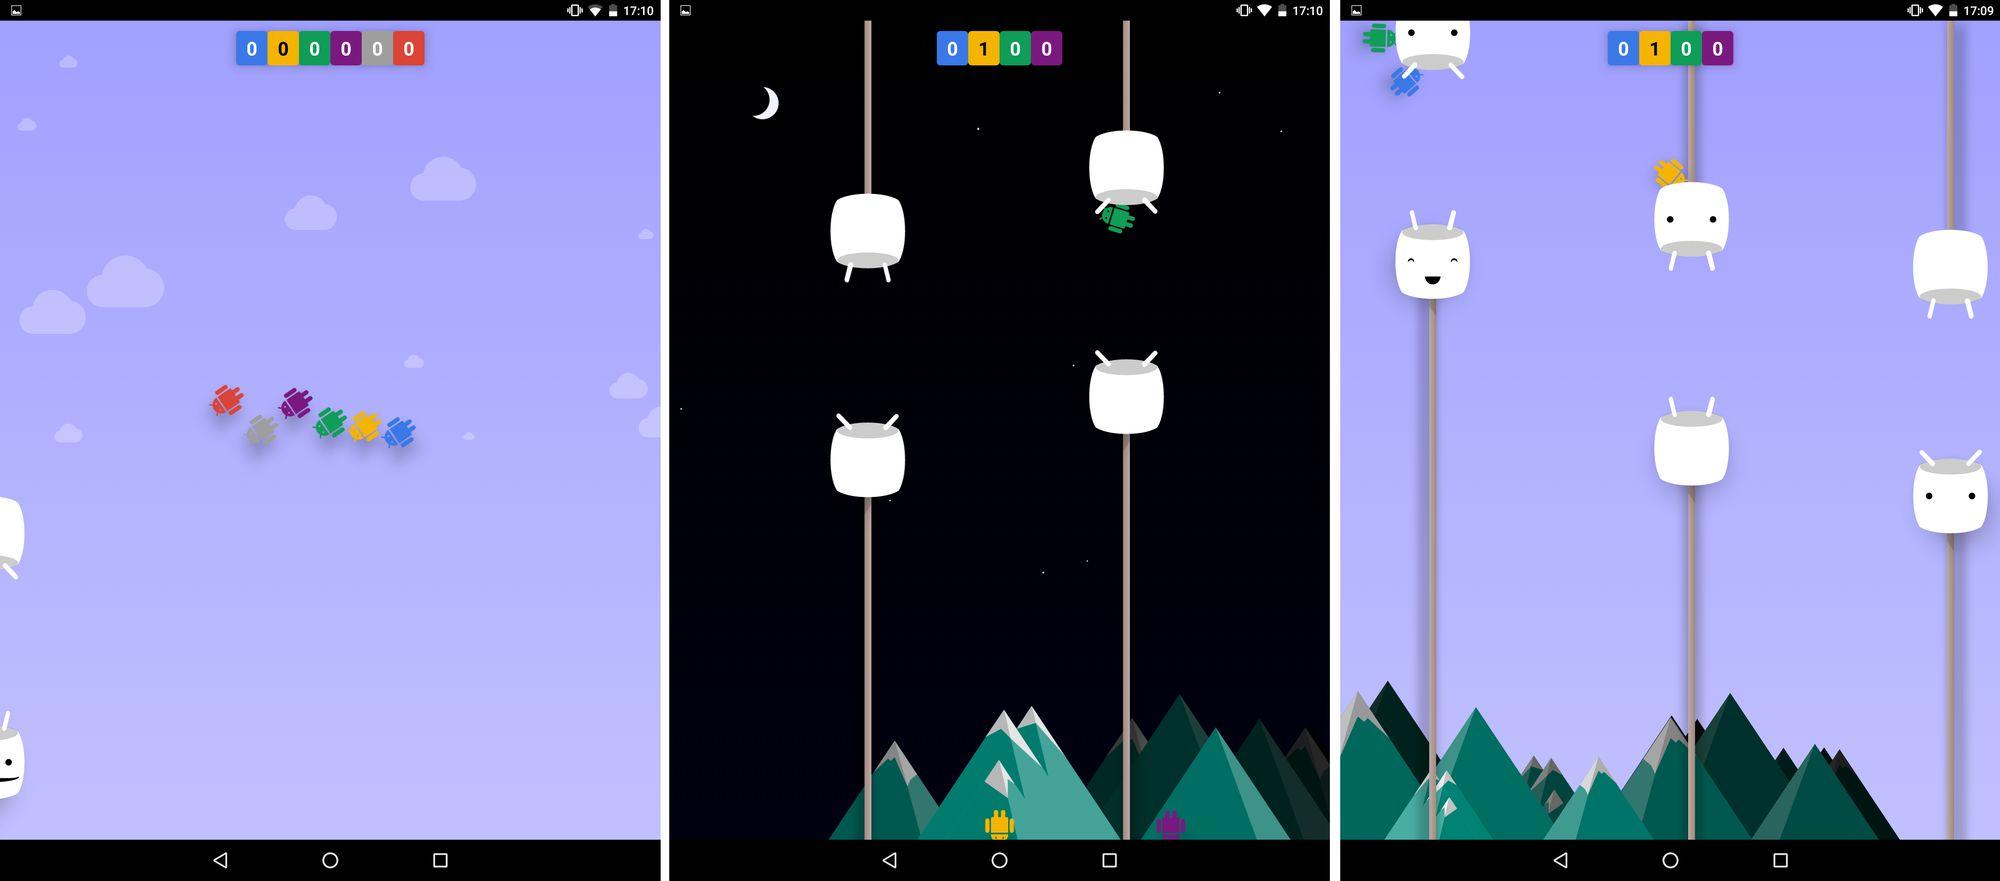 easter-egg-android-marshmallow-3.jpg